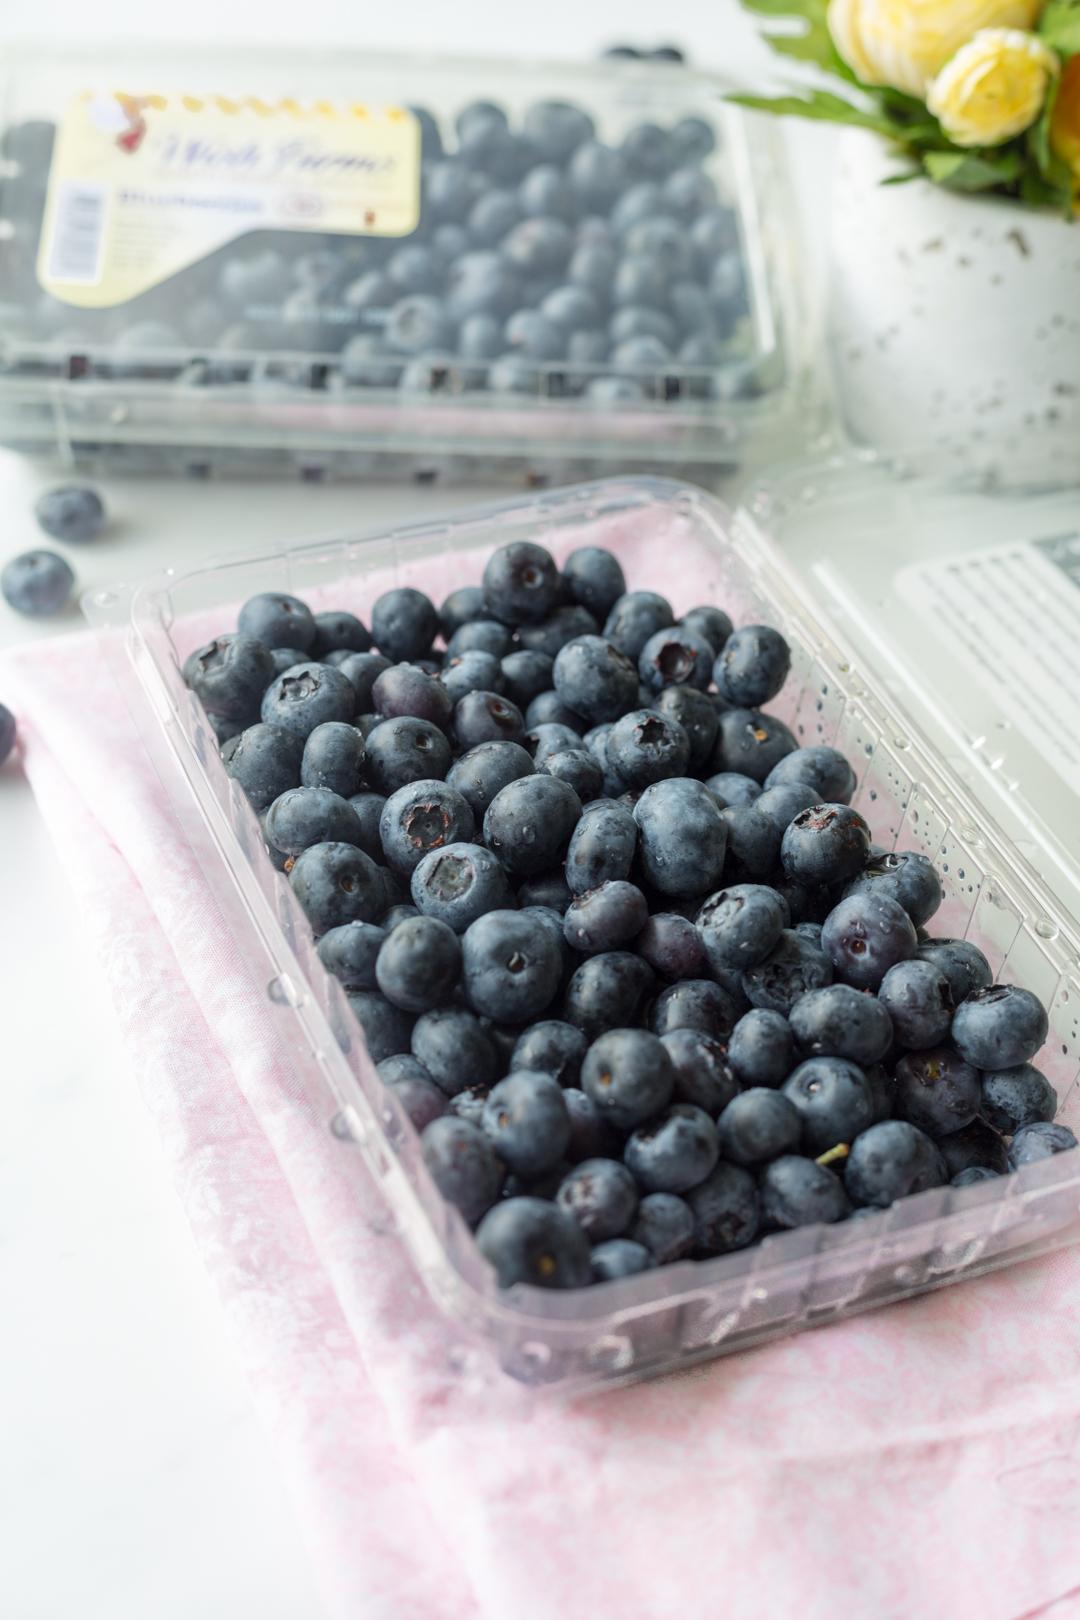 Easy 3 Ingredient Blueberry Dessert